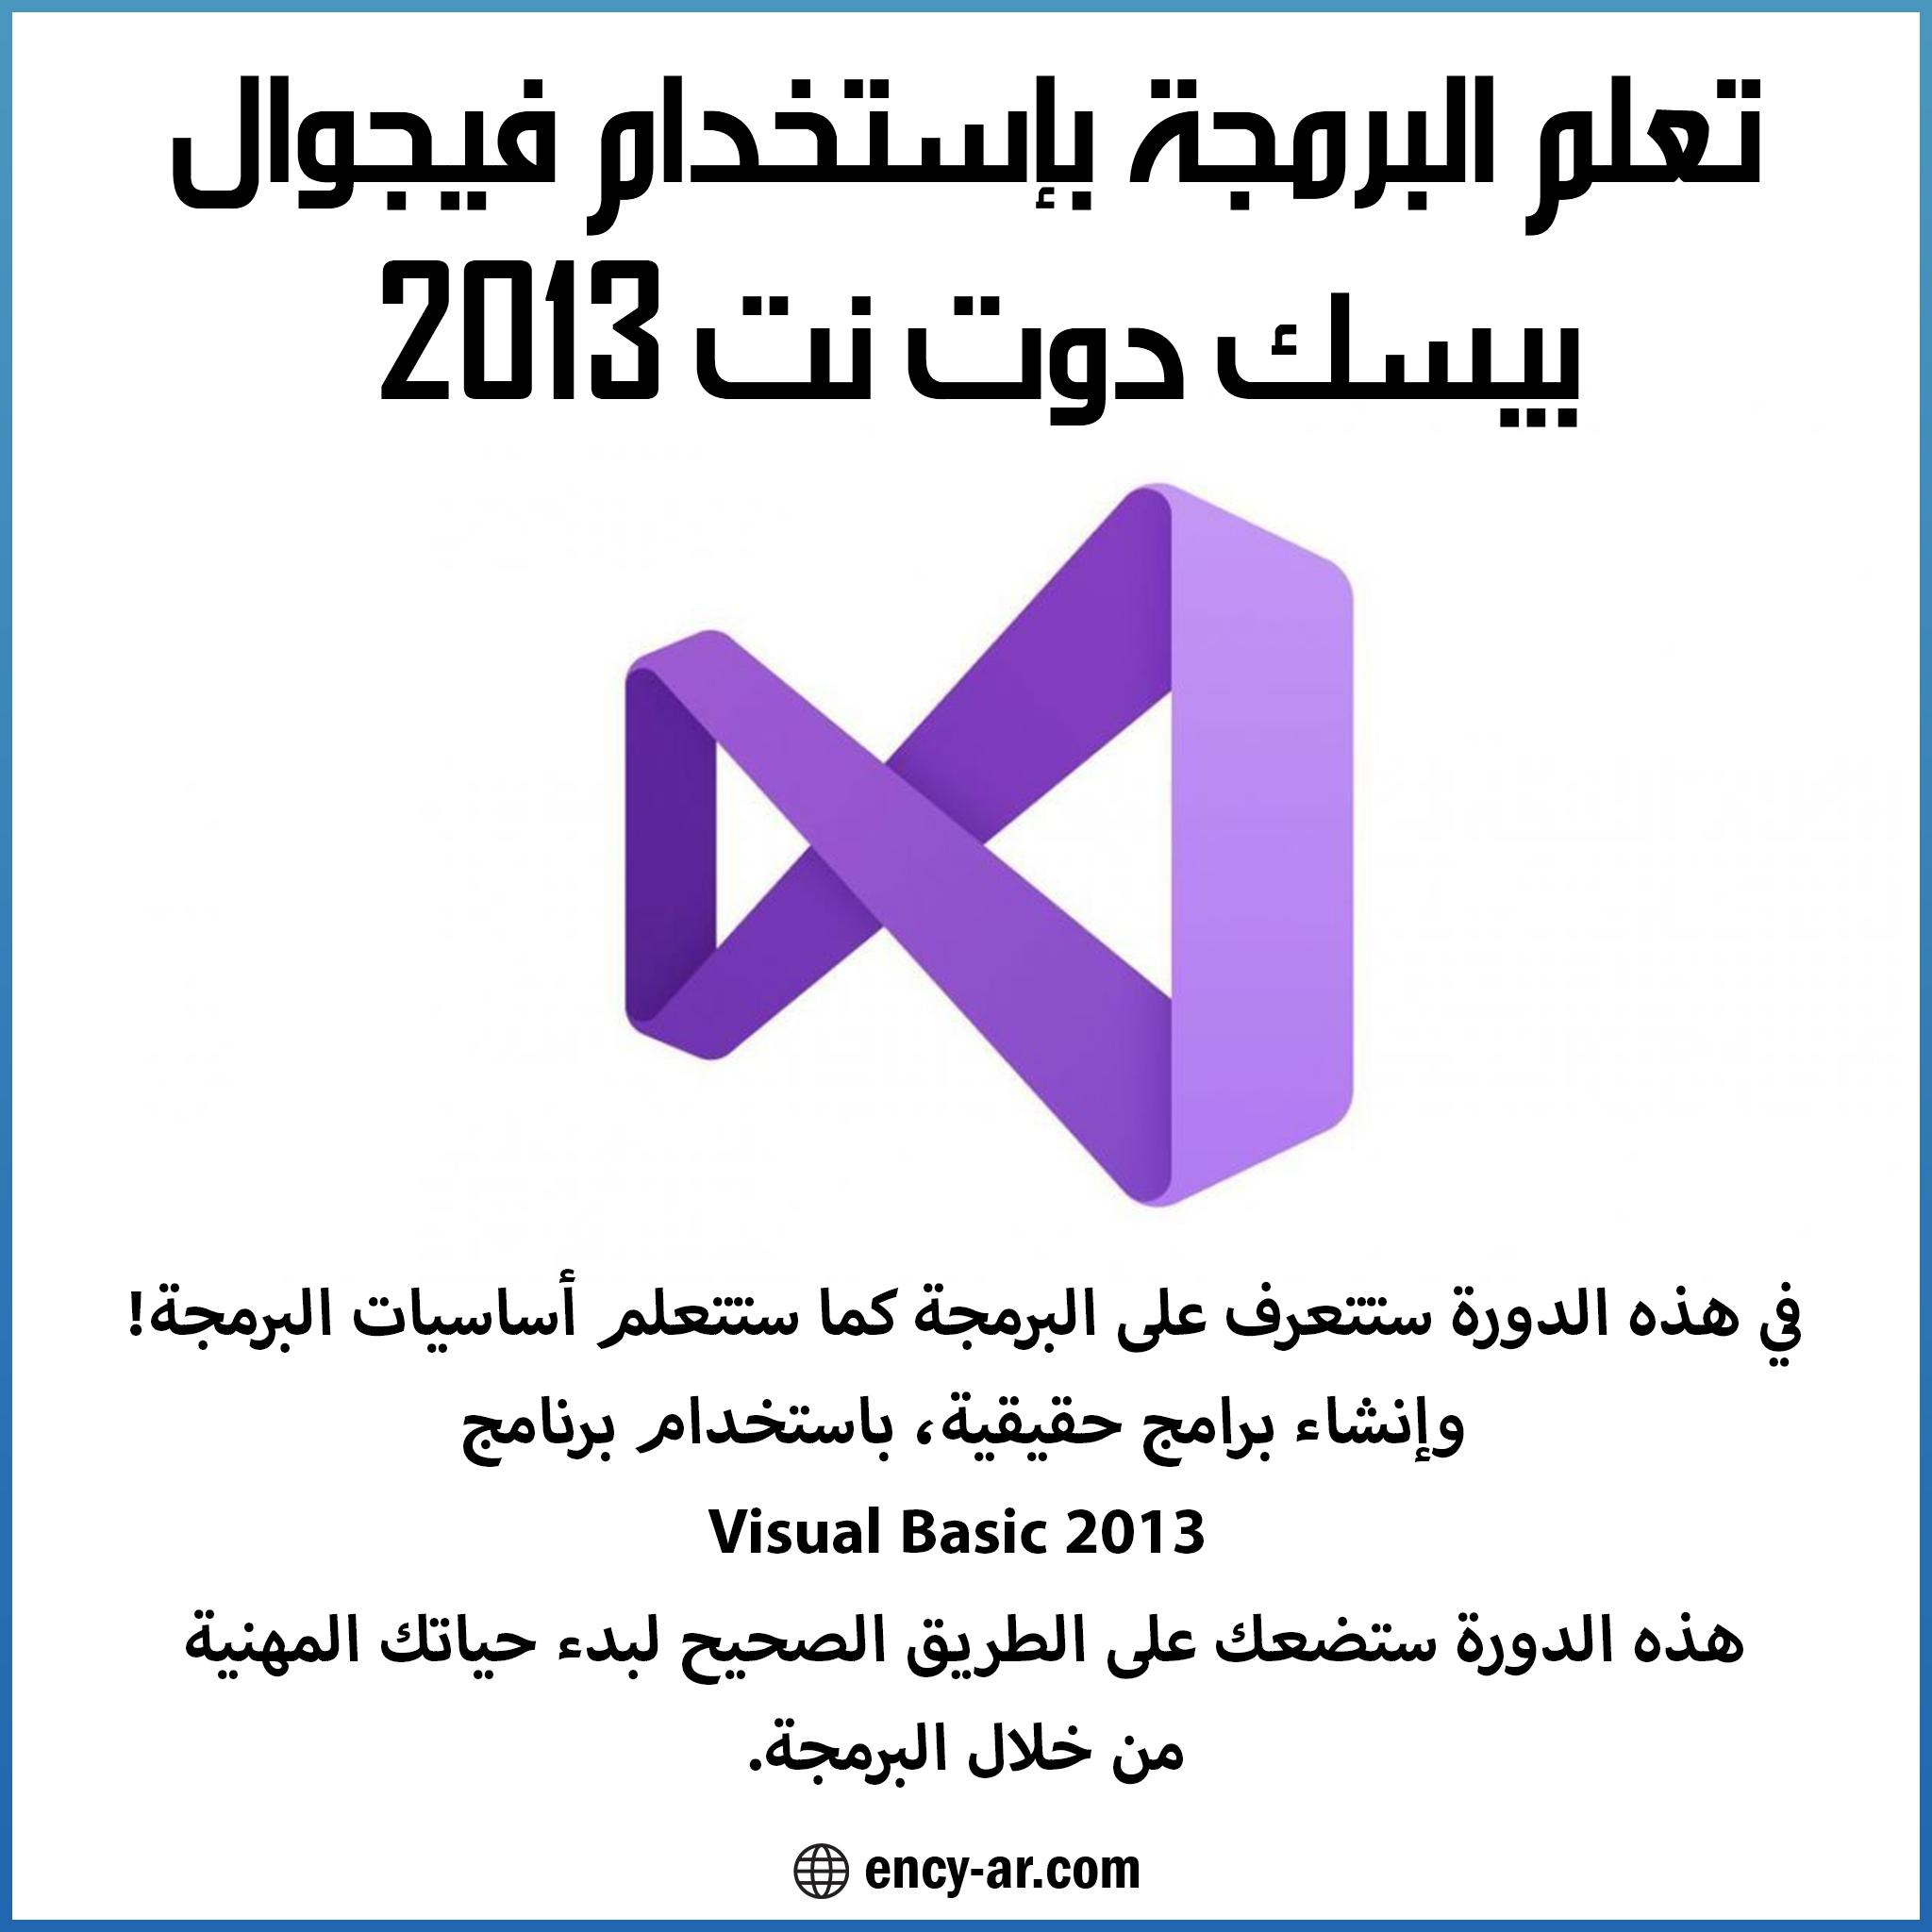 بدايتك لتعلم البرمجة بإستخدام فيجوال بيسك دوت نت 2013 Gaming Logos Visual Logos